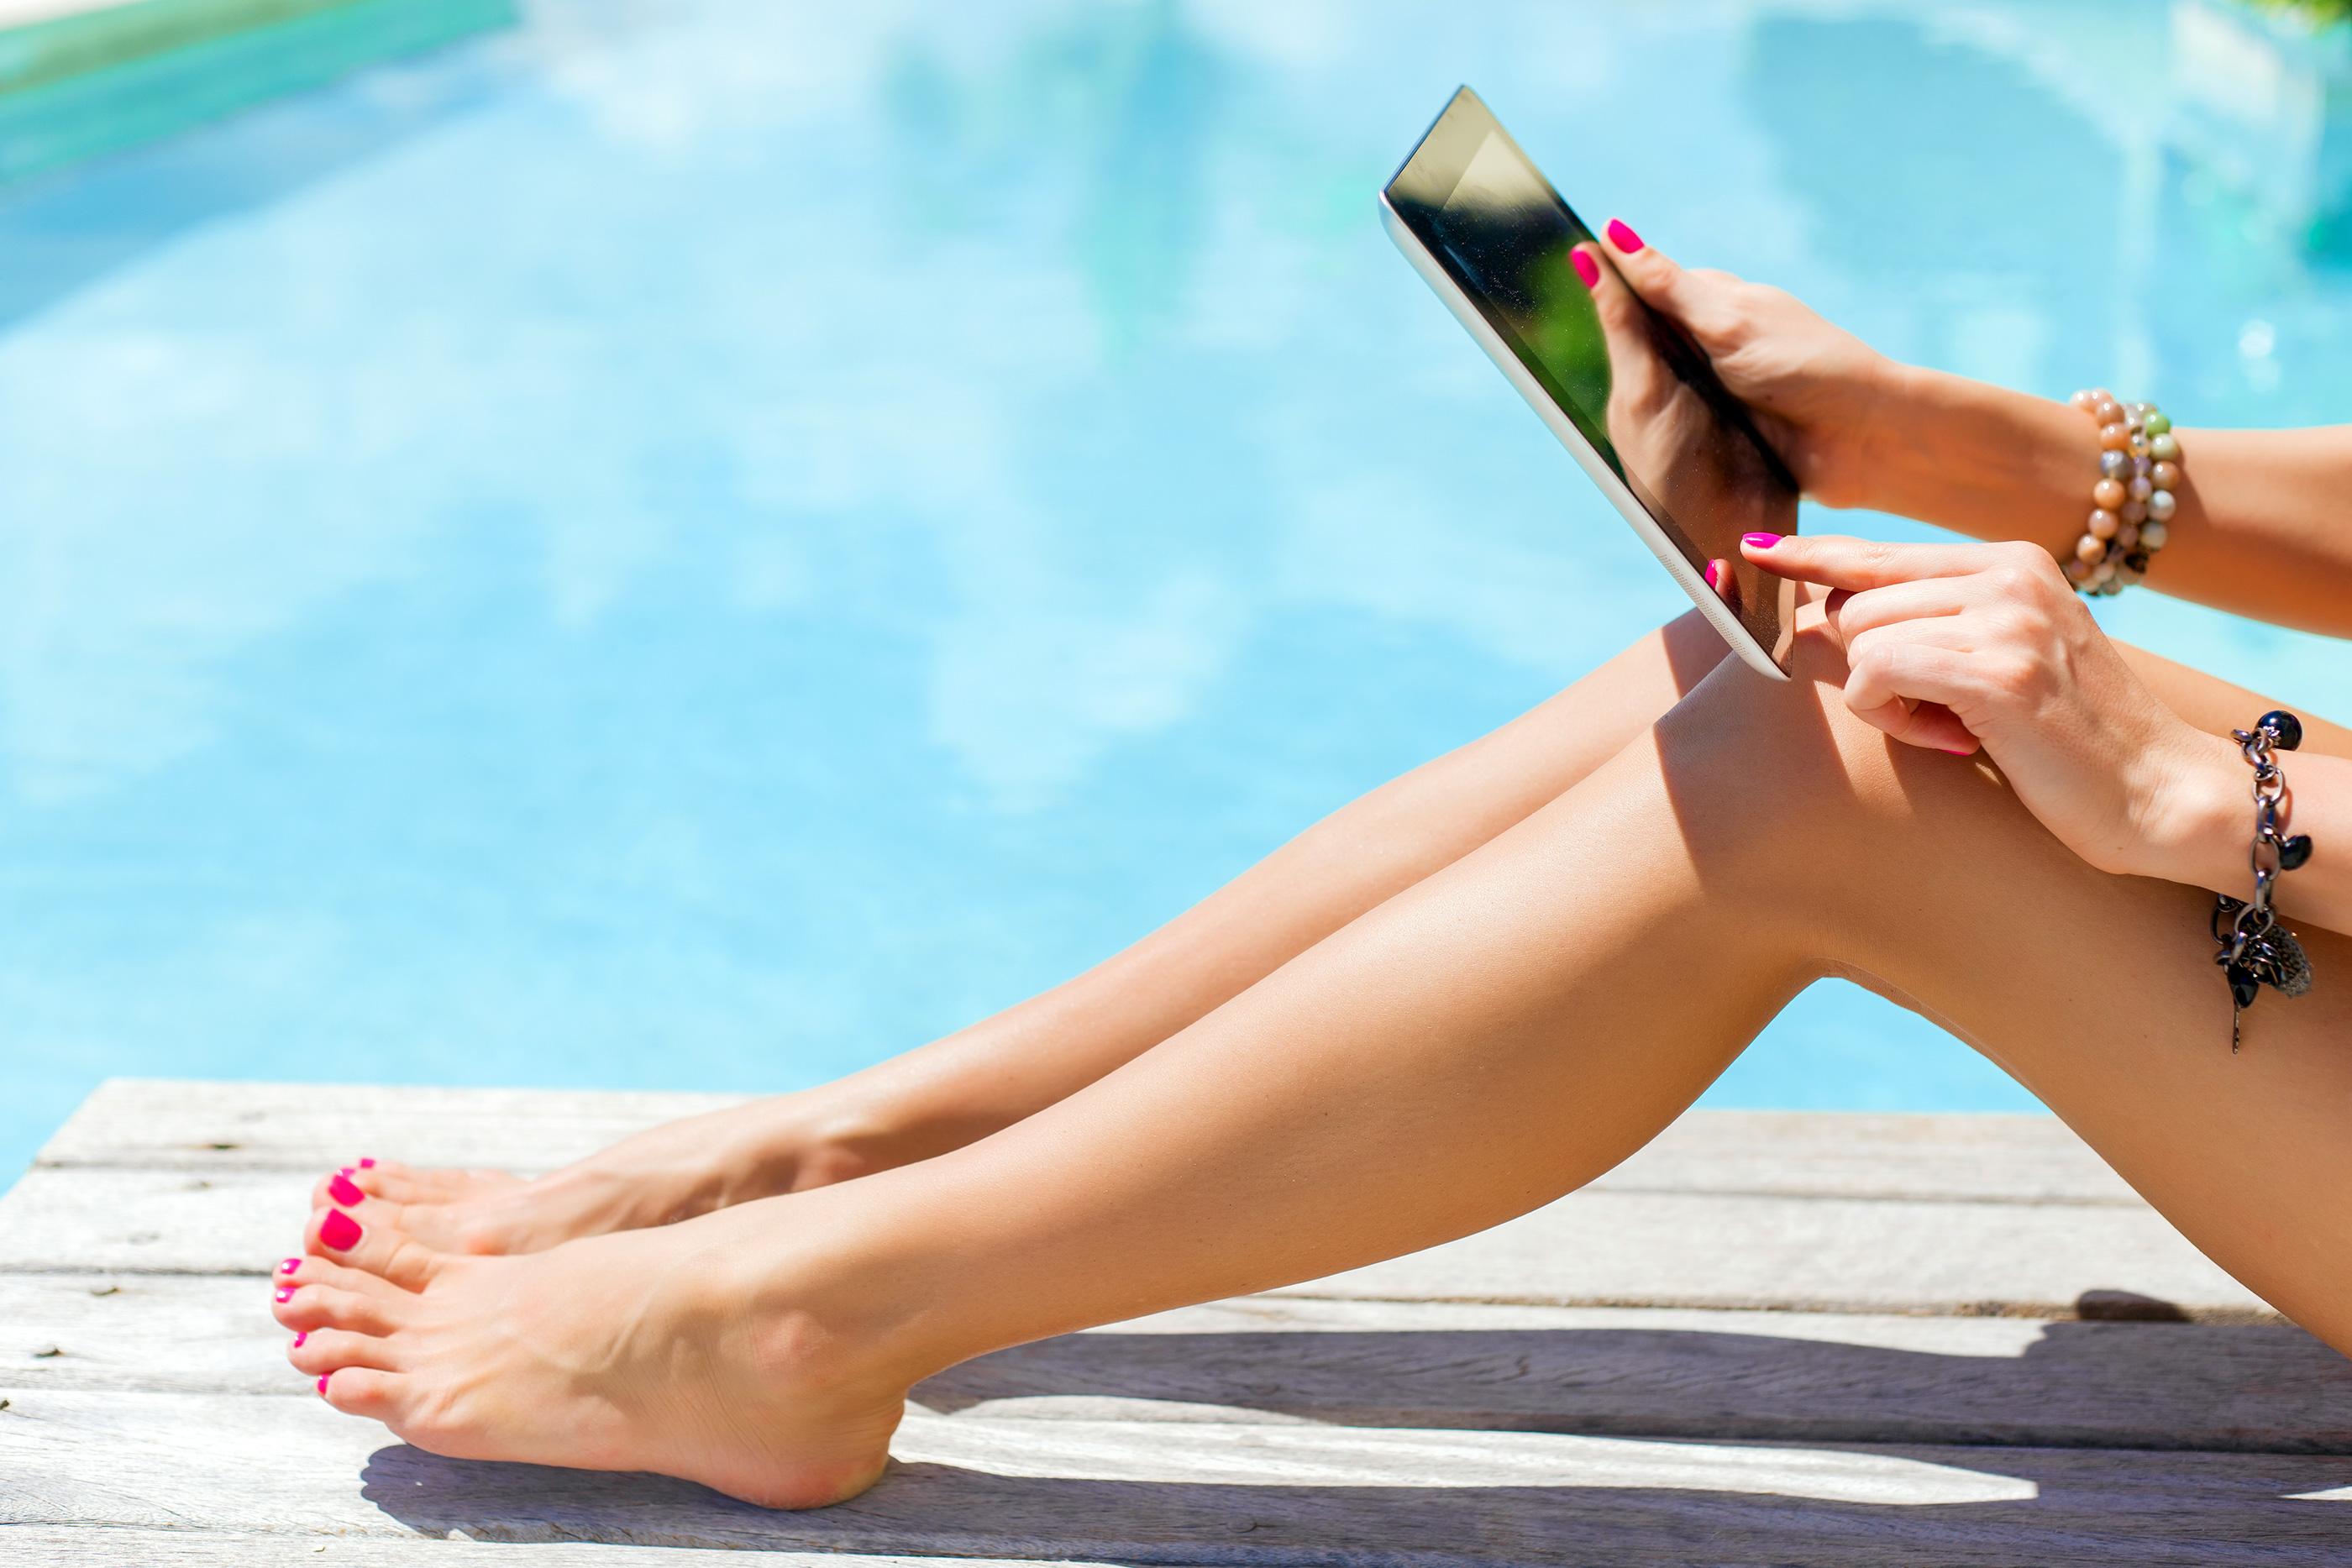 Garota lendo em iPad